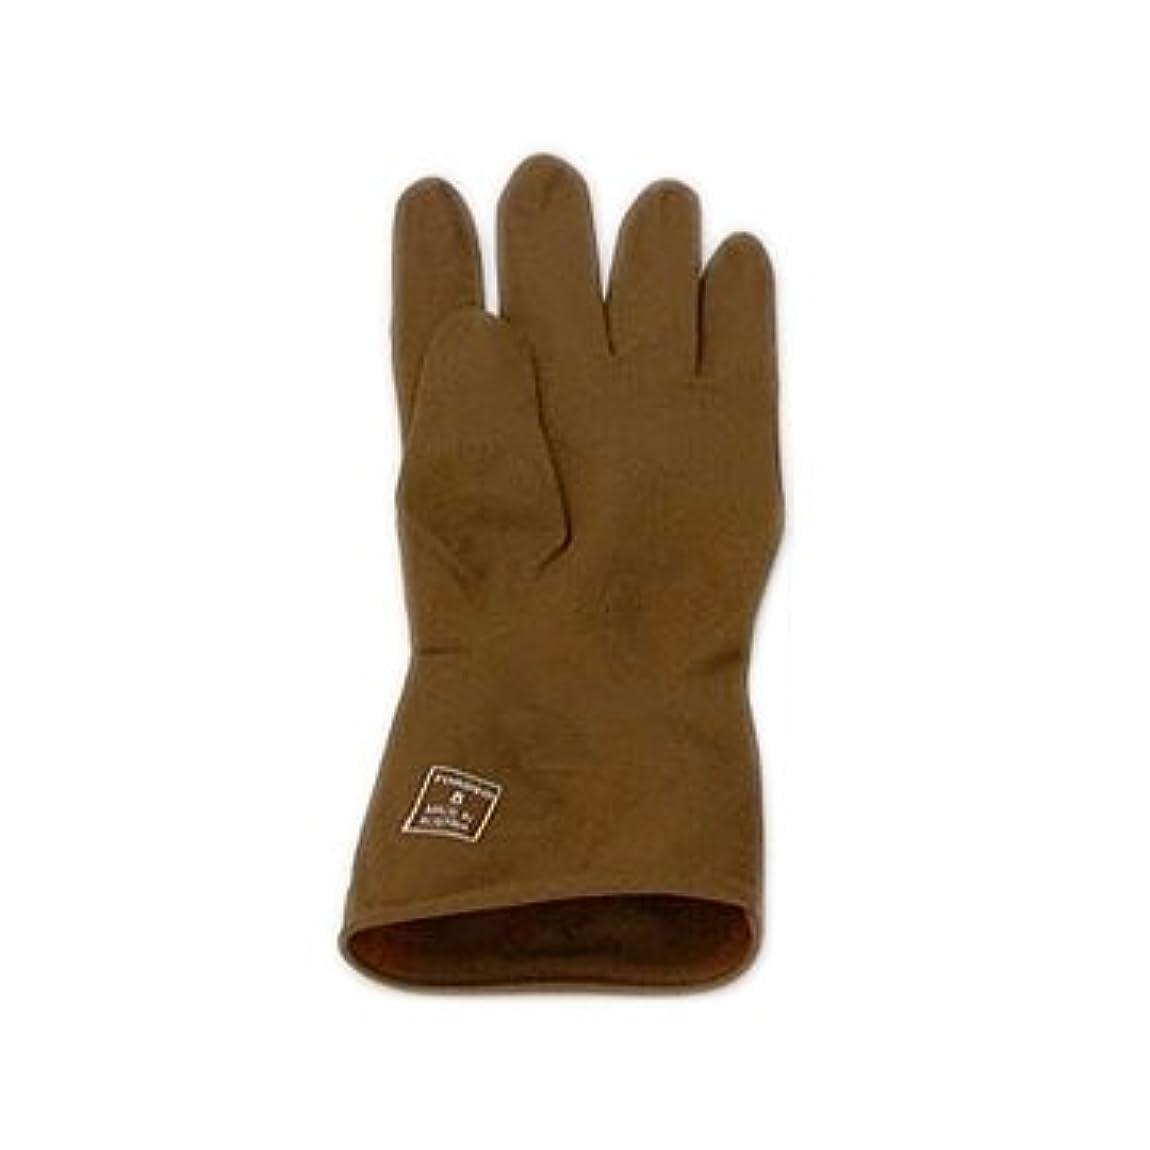 豊かな水素人里離れたトンデオ ゴム手袋 1双 7.5